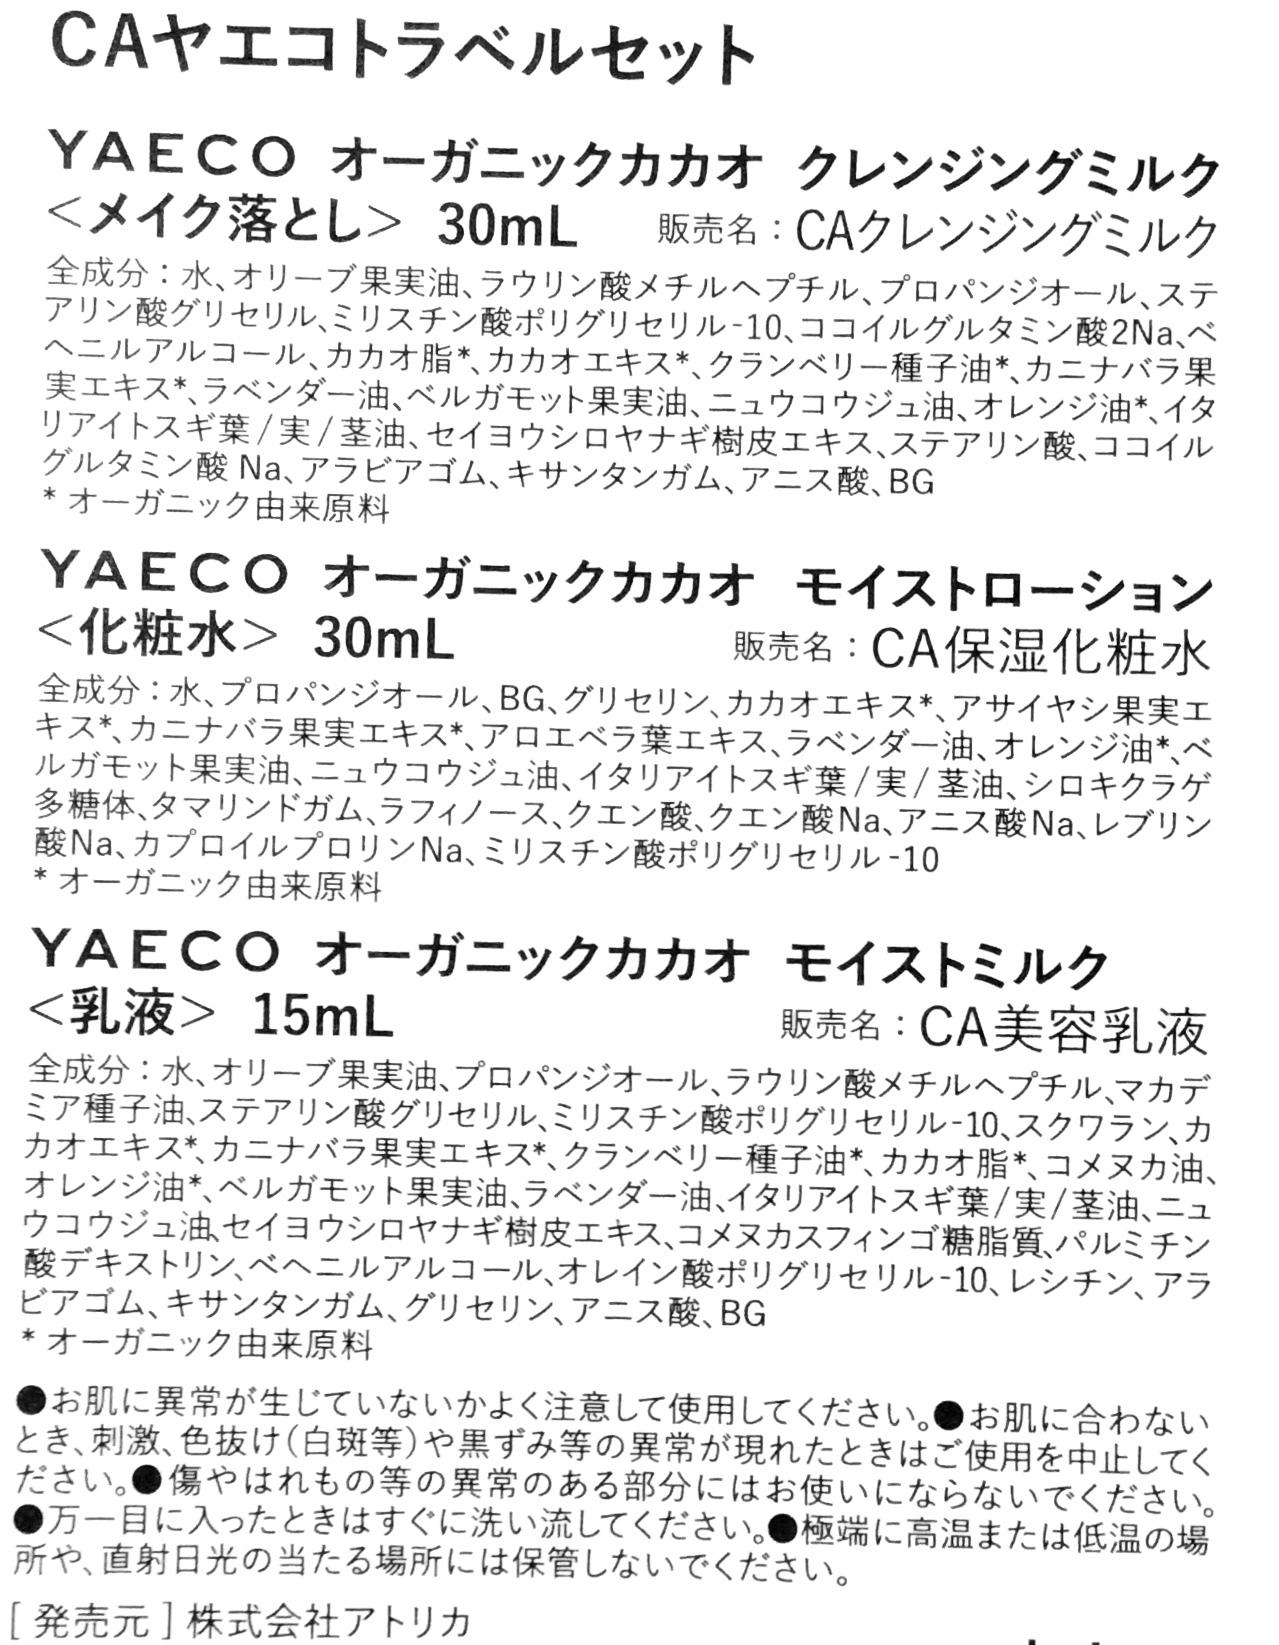 FCCF5FA1-AA0C-482F-9D43-C9E1A773E2DA.jpeg